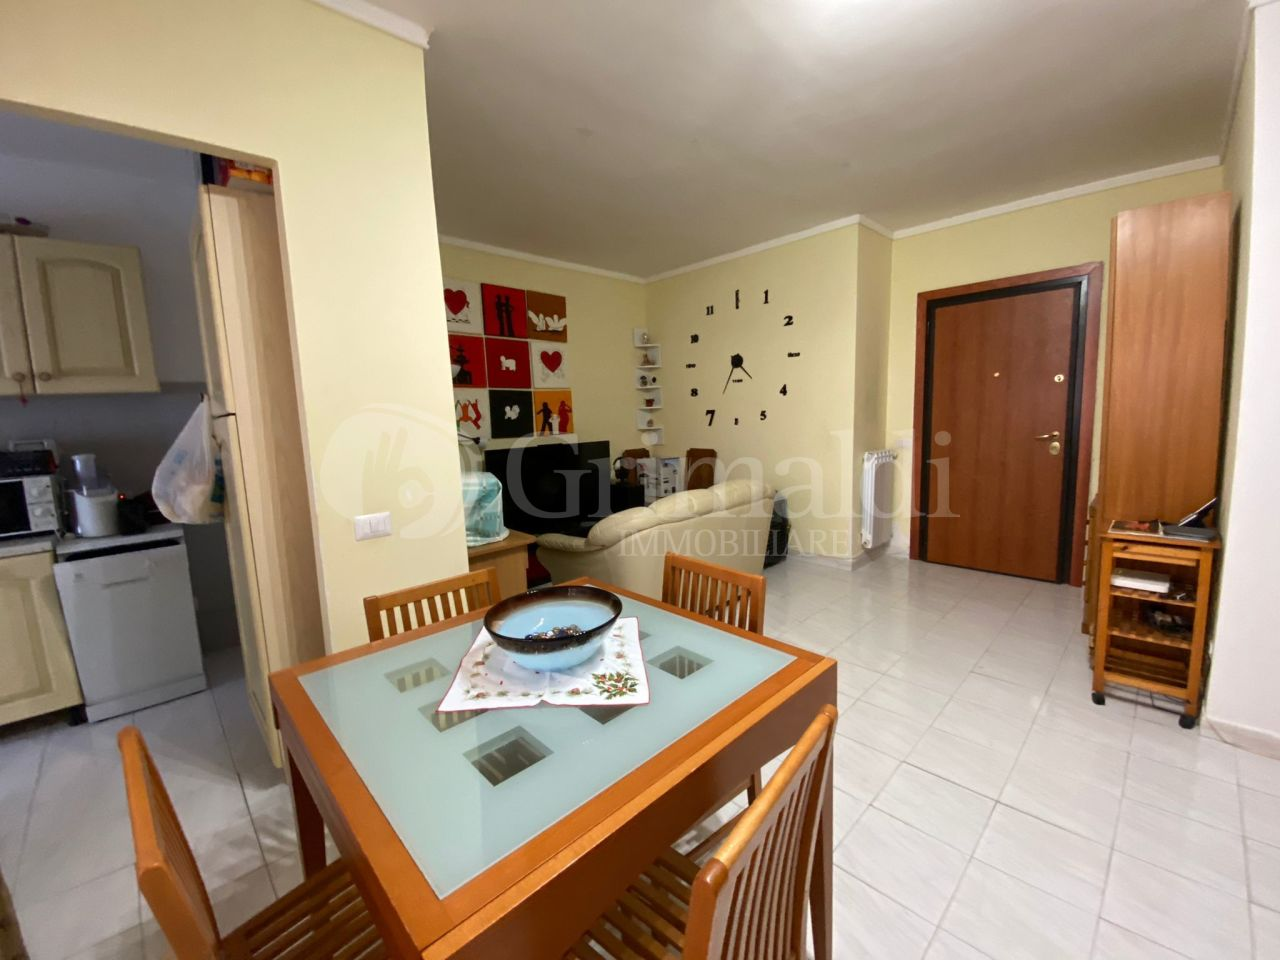 Appartamento in vendita a Anzio, 3 locali, prezzo € 54.000   PortaleAgenzieImmobiliari.it